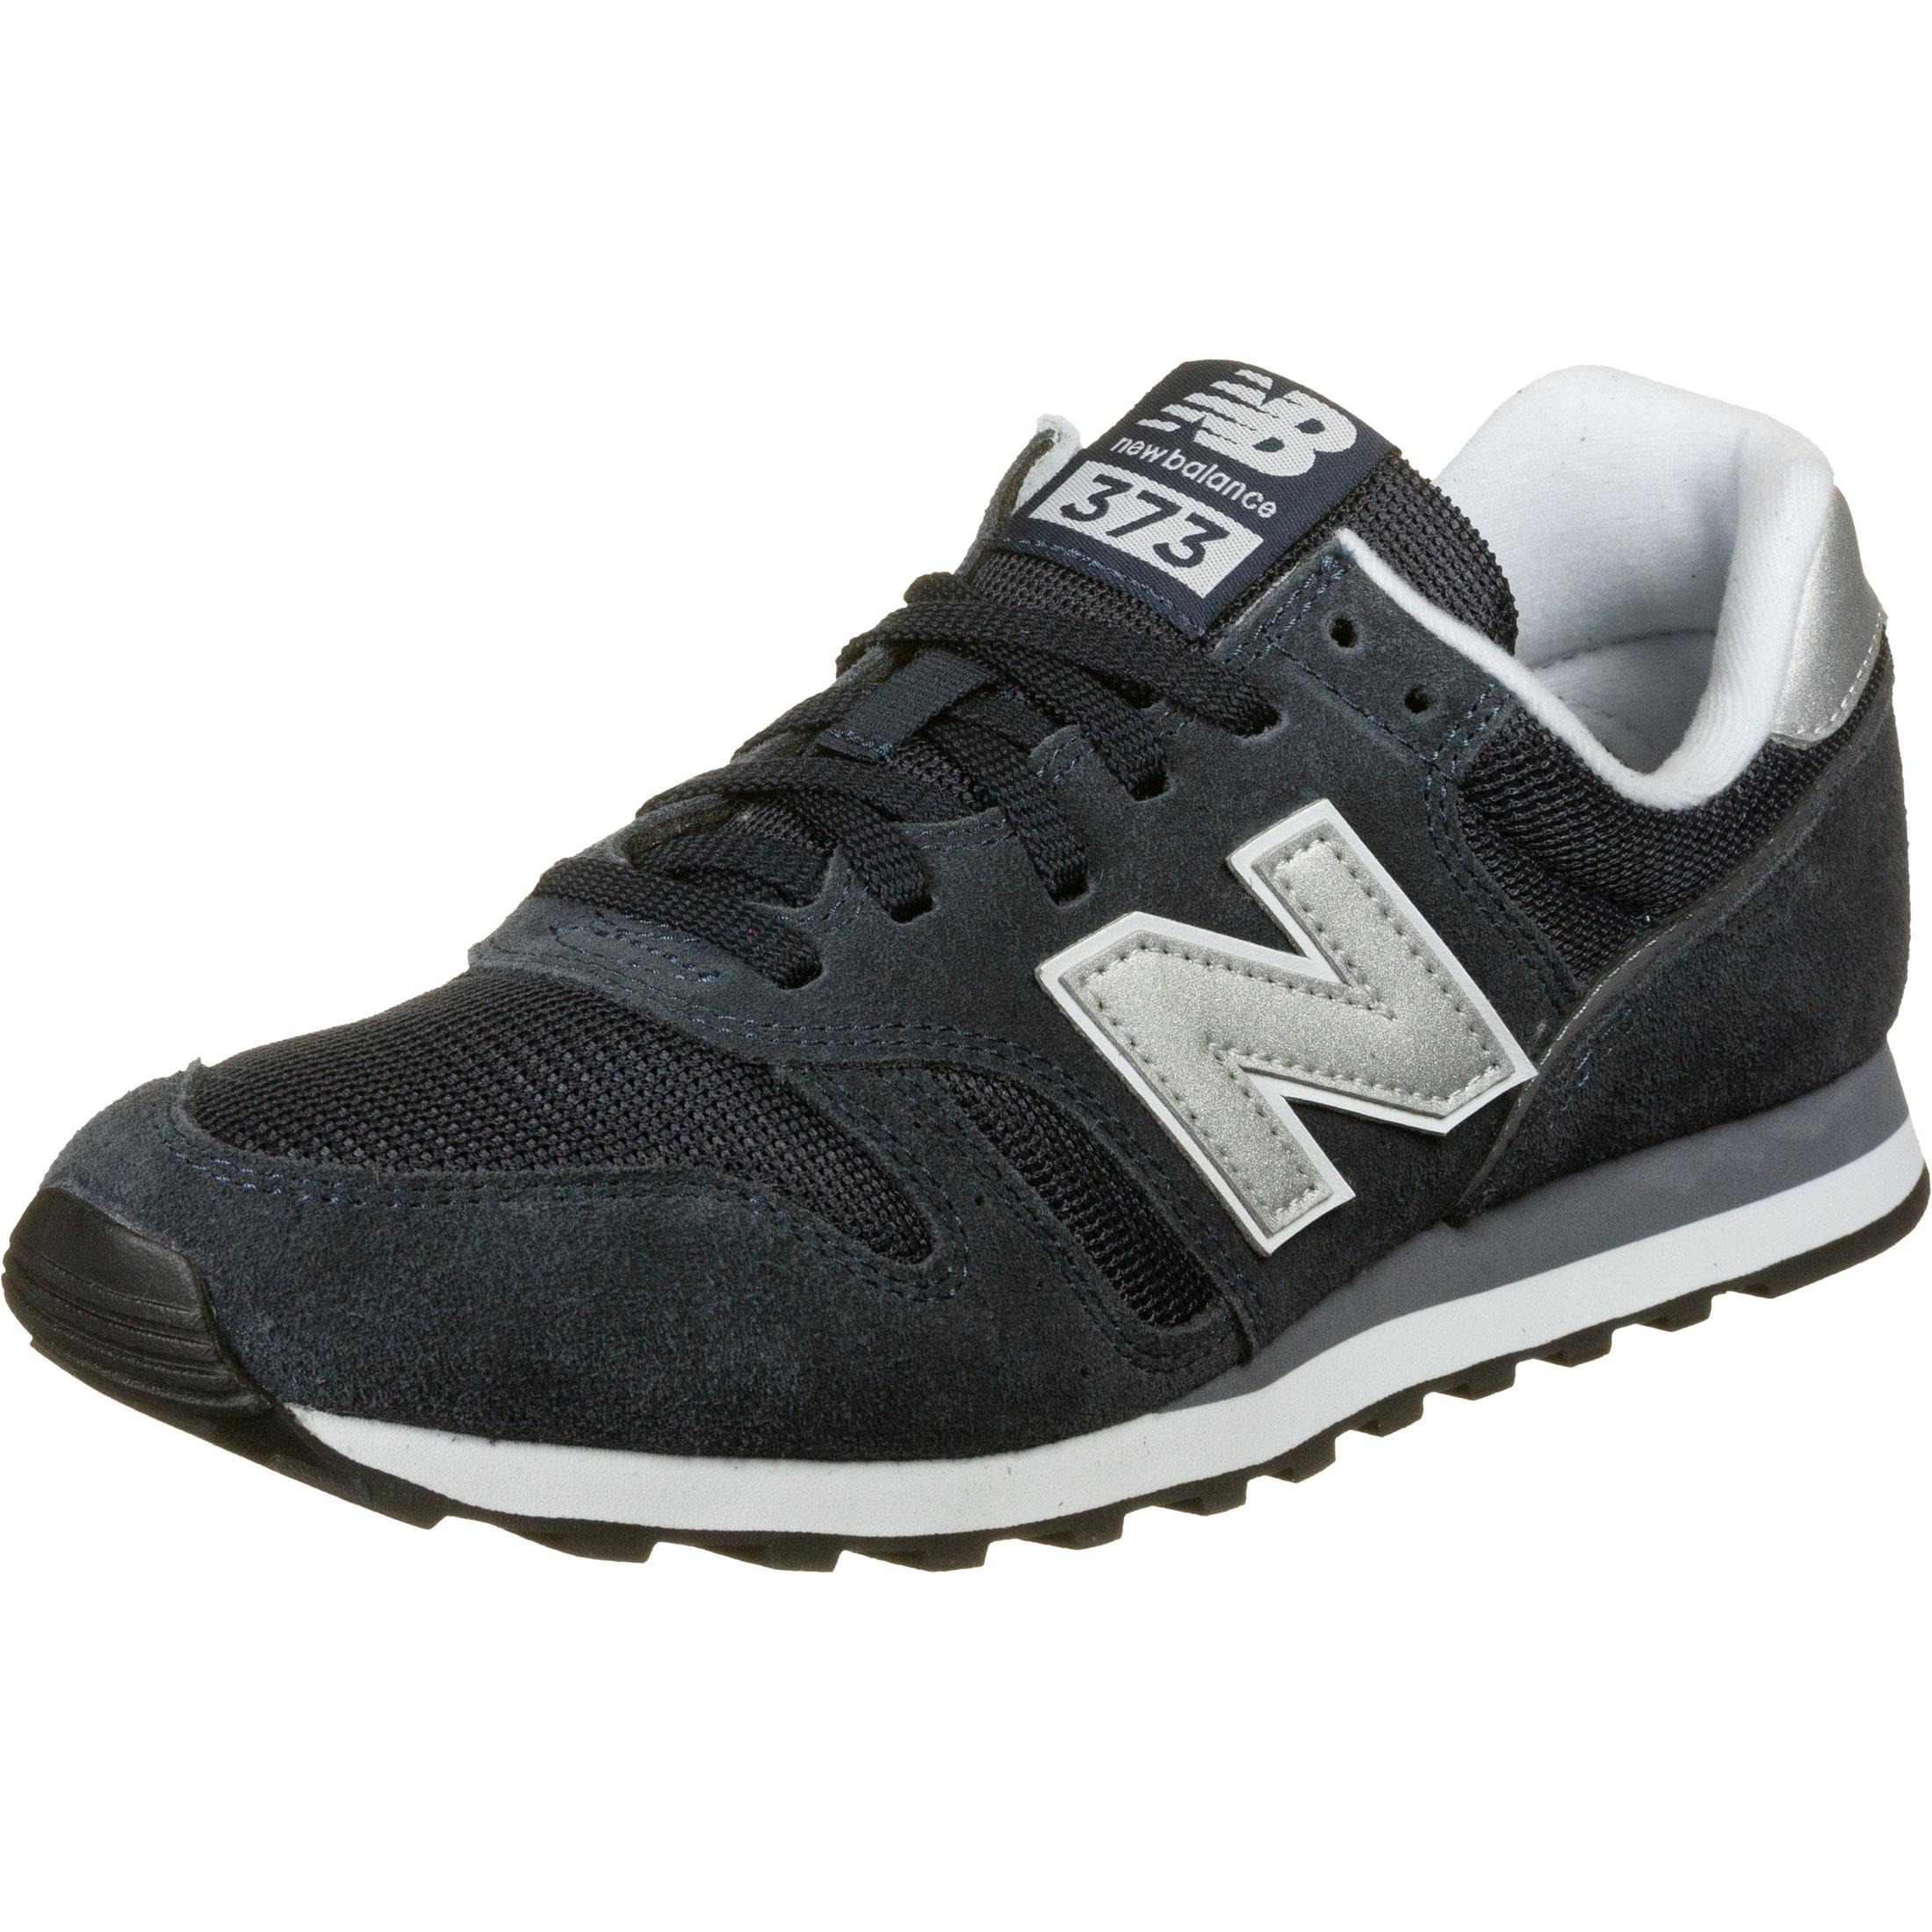 El sendero Para un día de viaje Salida  New Balance 373 - Sneakers Low at Stylefile